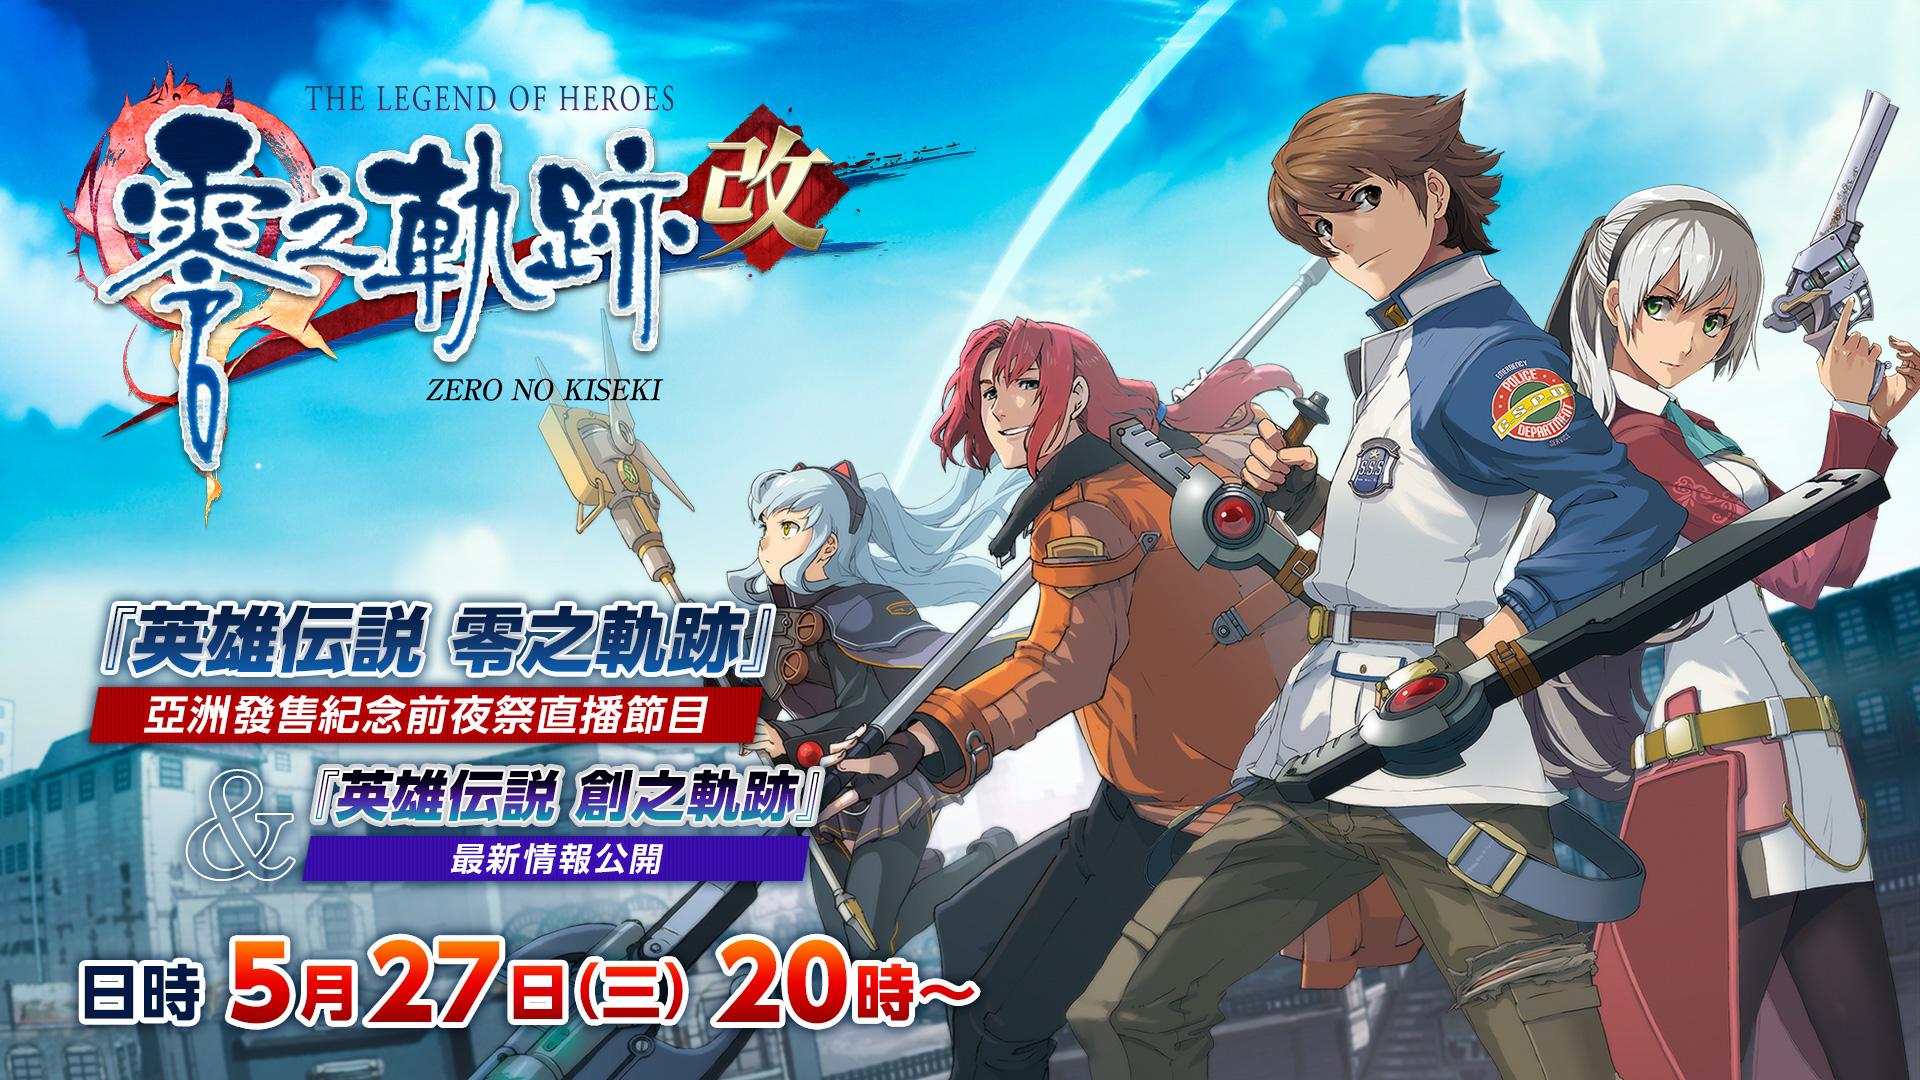 《英雄传说:零之轨迹 改》中文版预告 5月28日发售